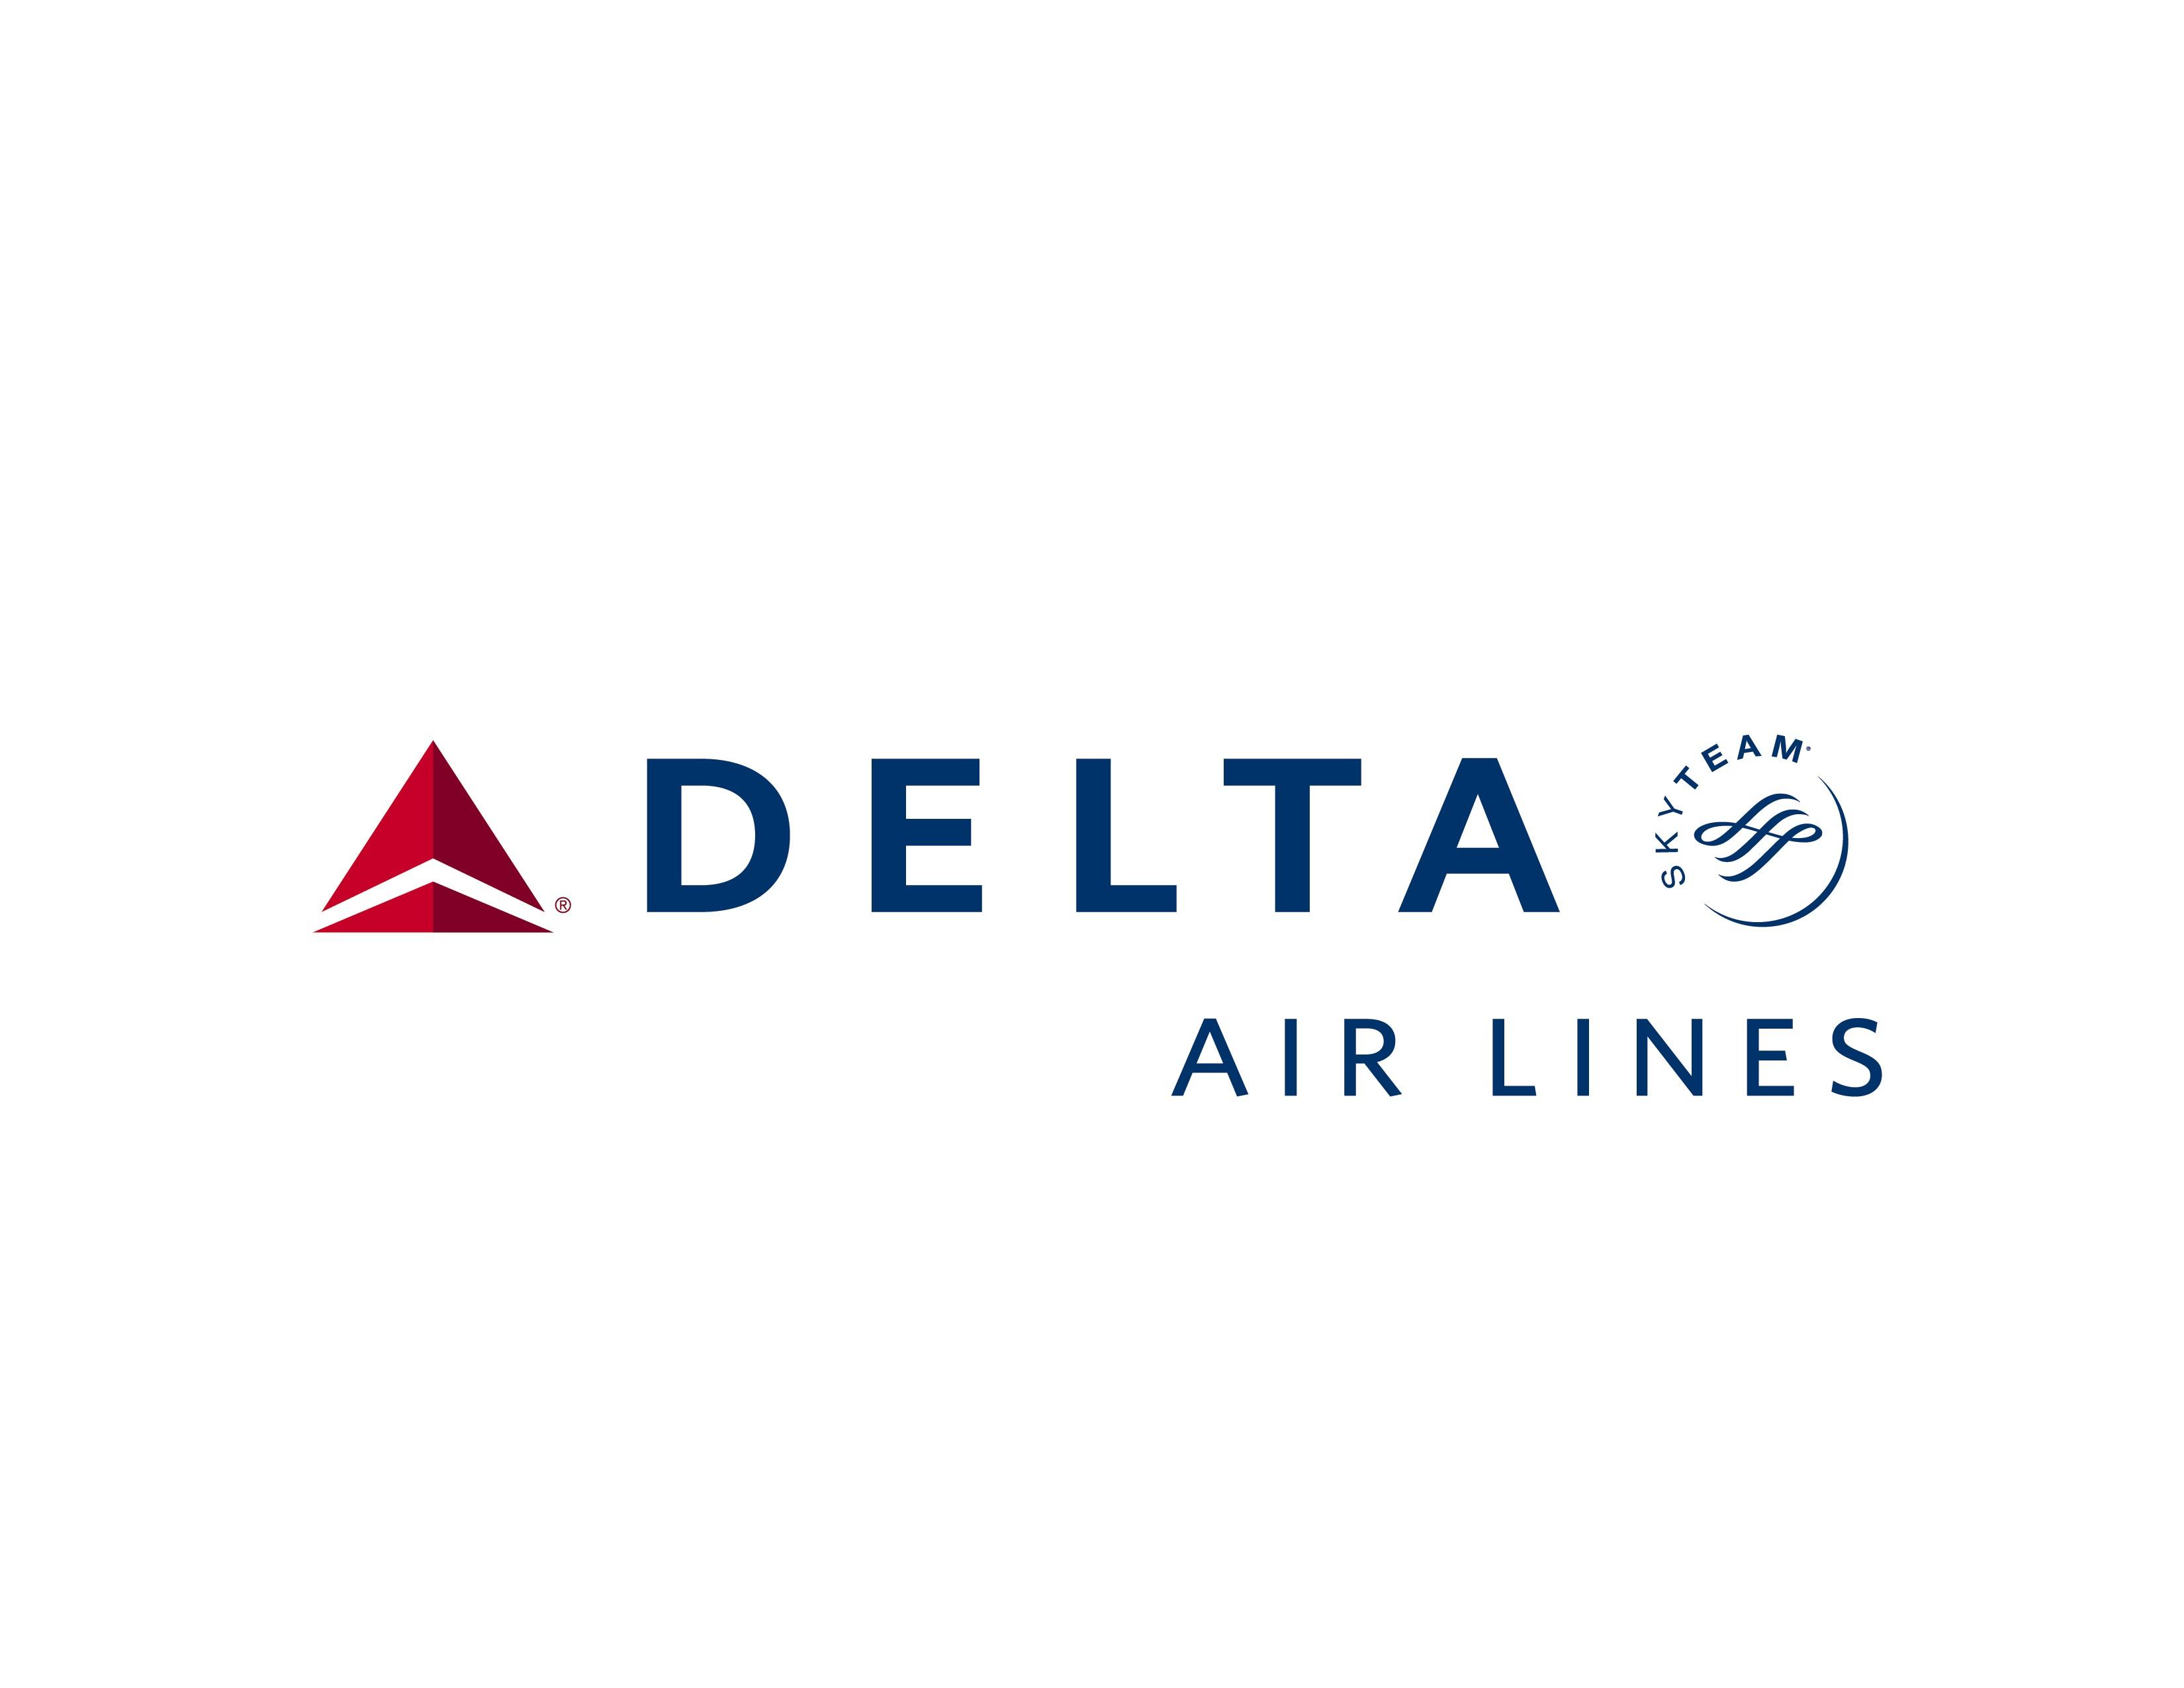 عودة تحليق طائرات دلتا للطيران بعد عطل في الانظمة الالكترونية